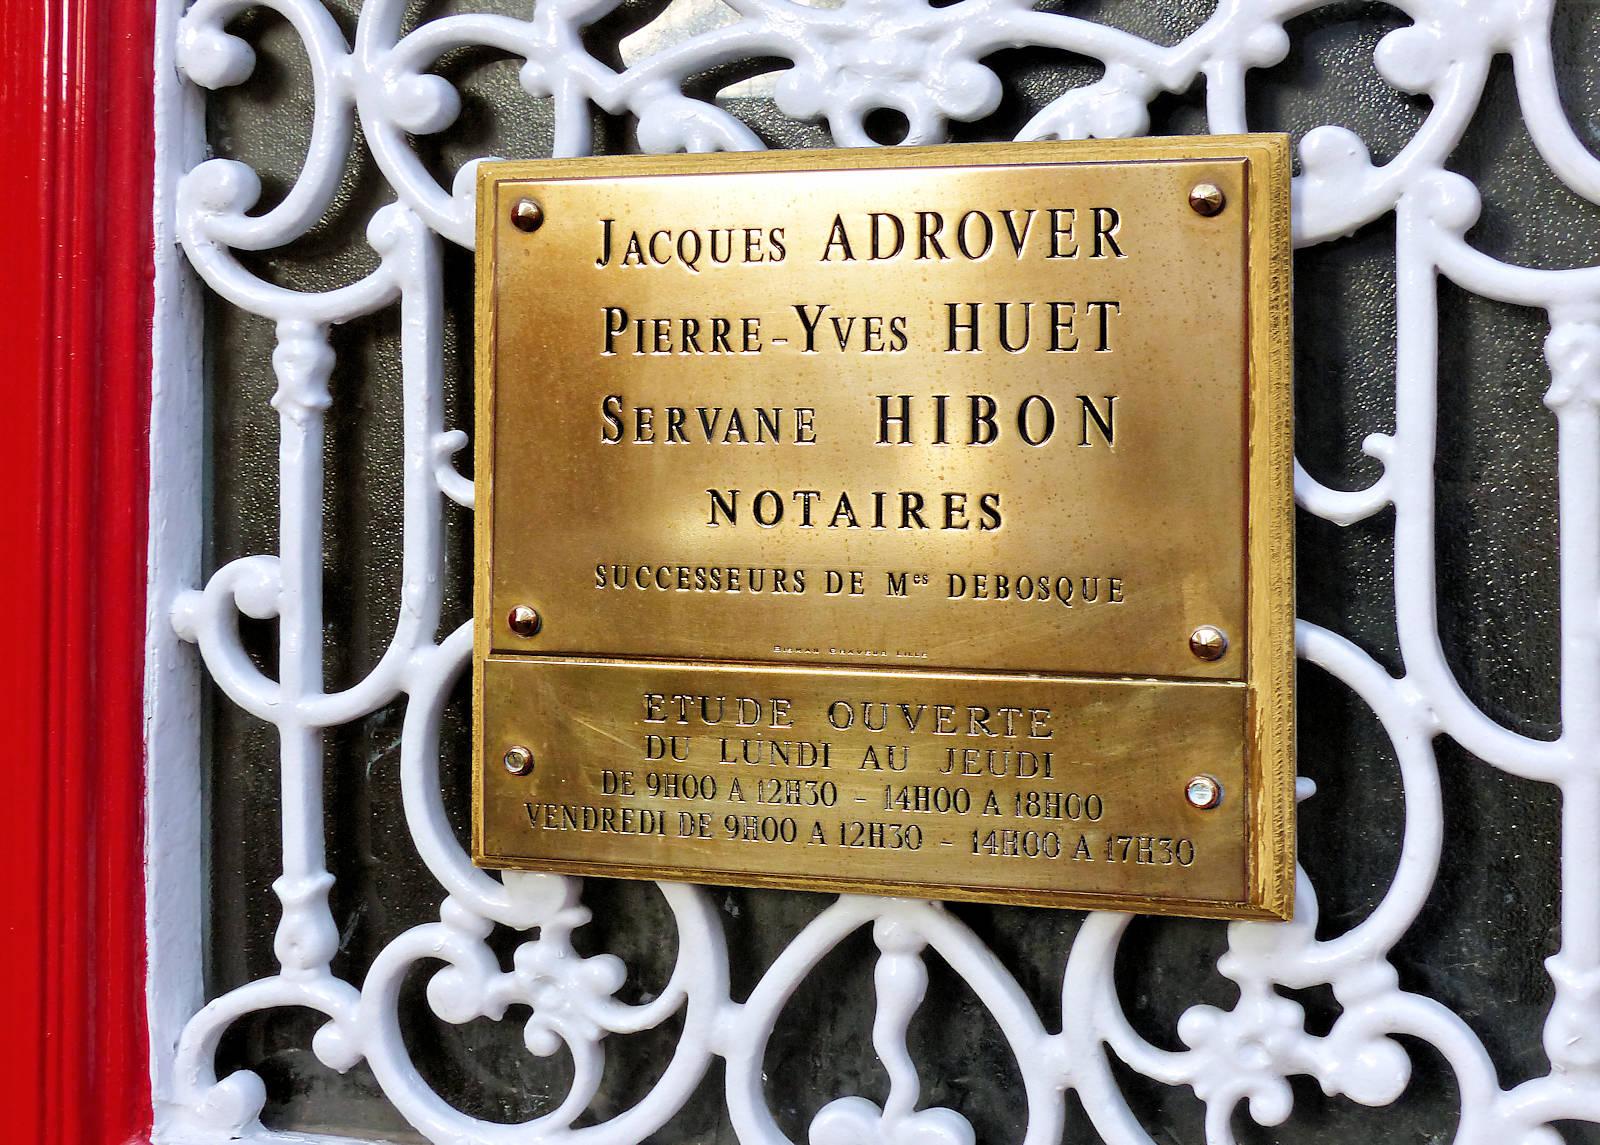 Notaires Adrover Huet Hibon Tourcoing - Plaque.